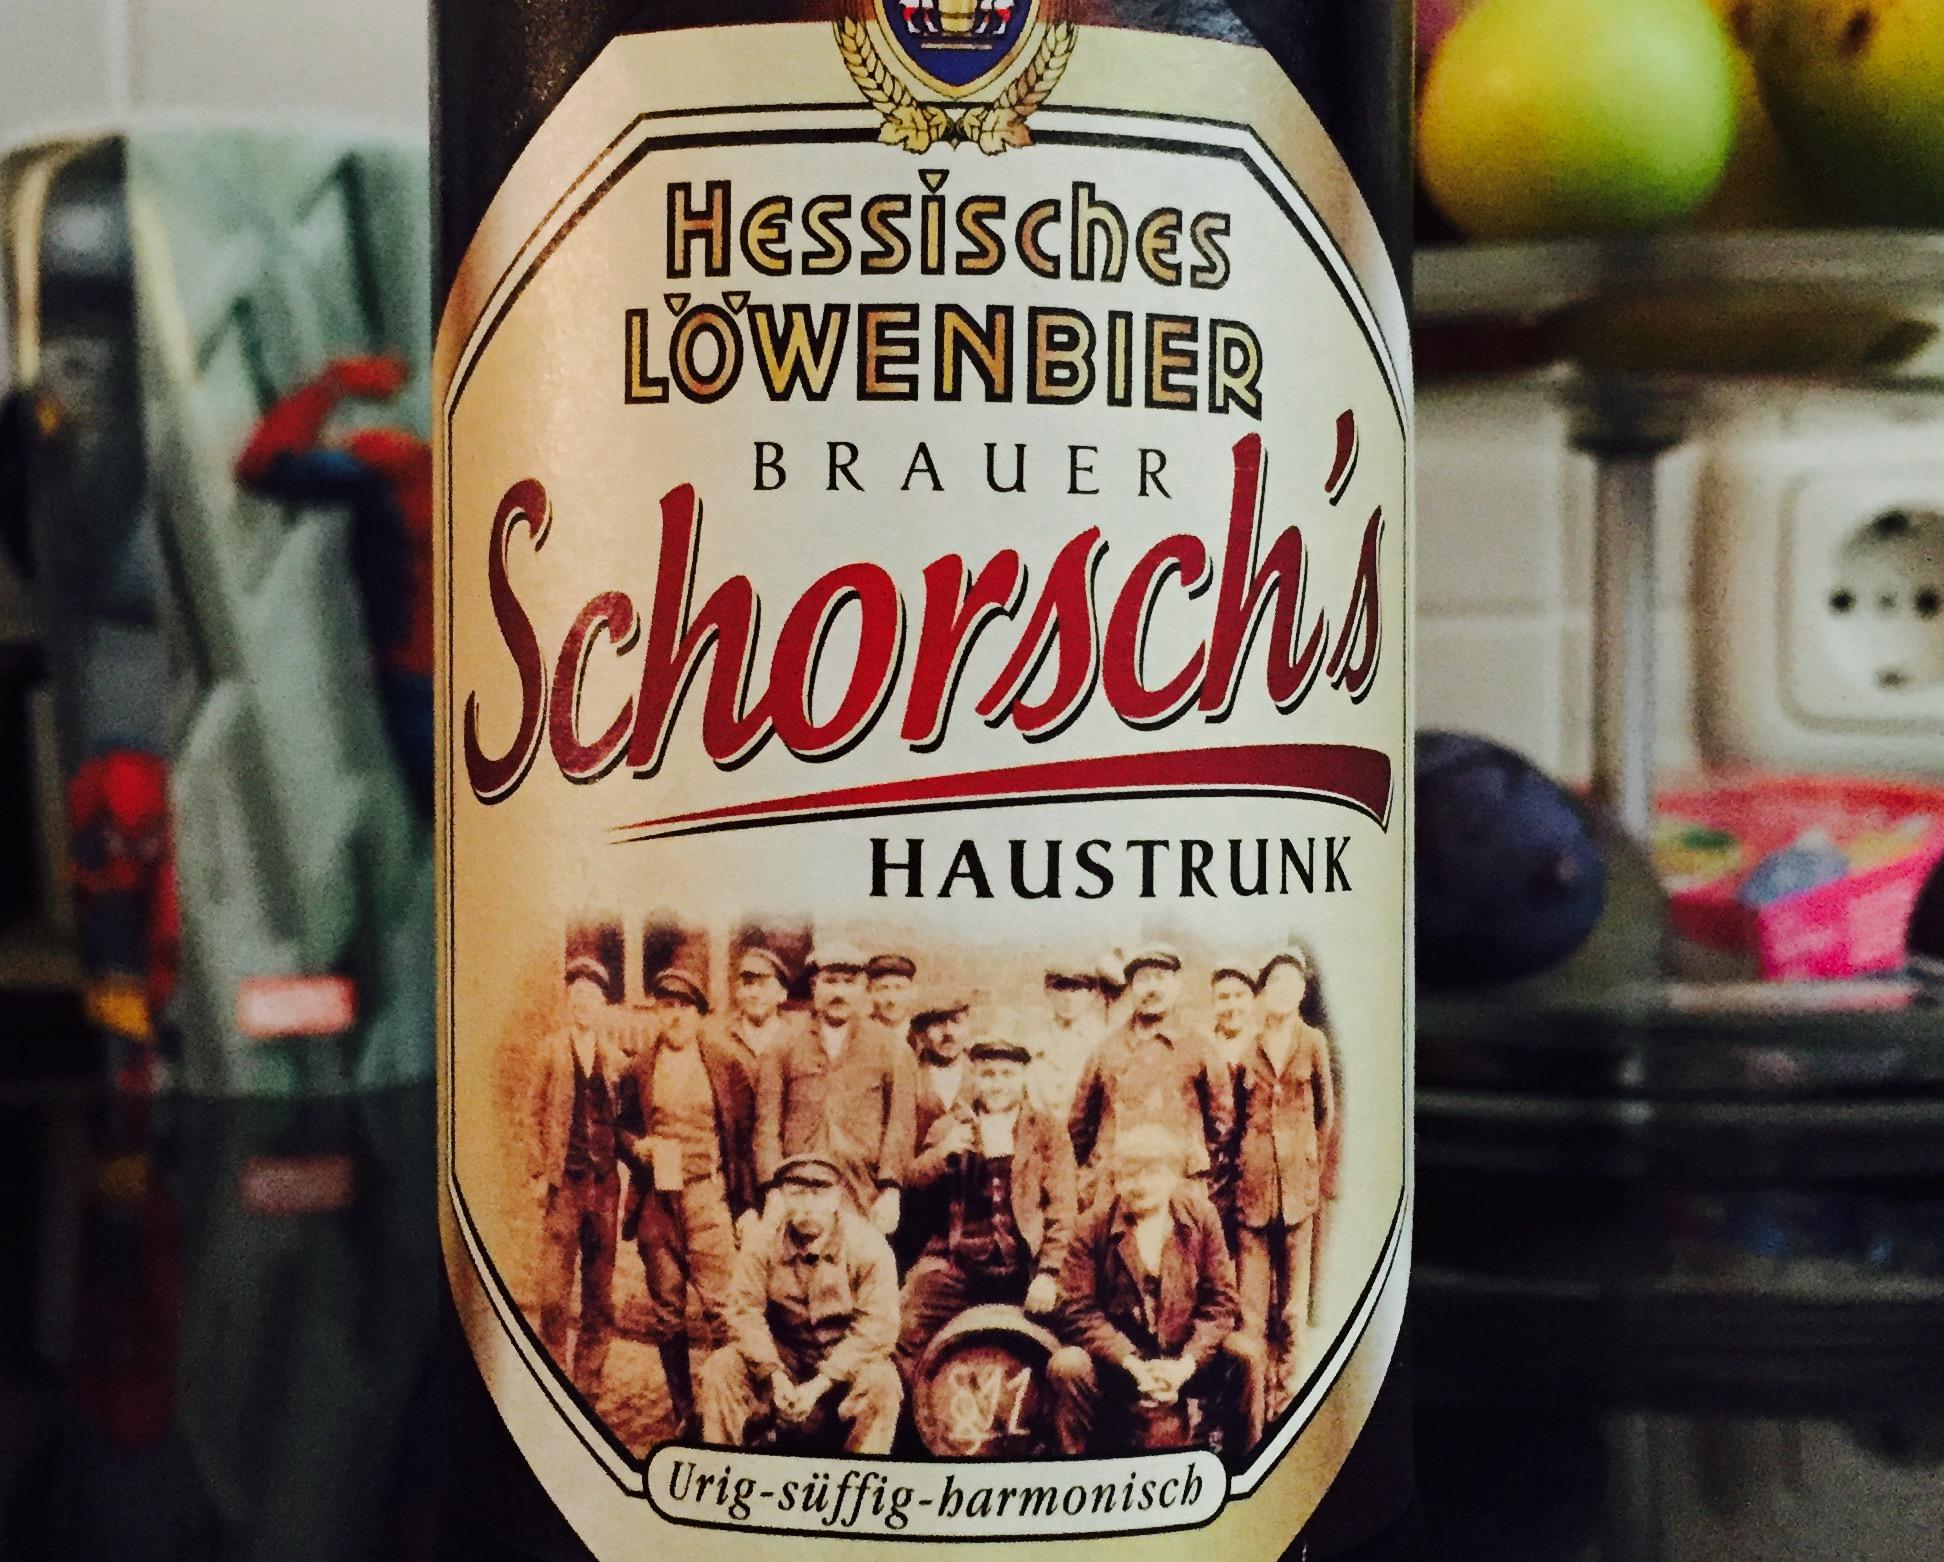 Schorsch's Haustrunk